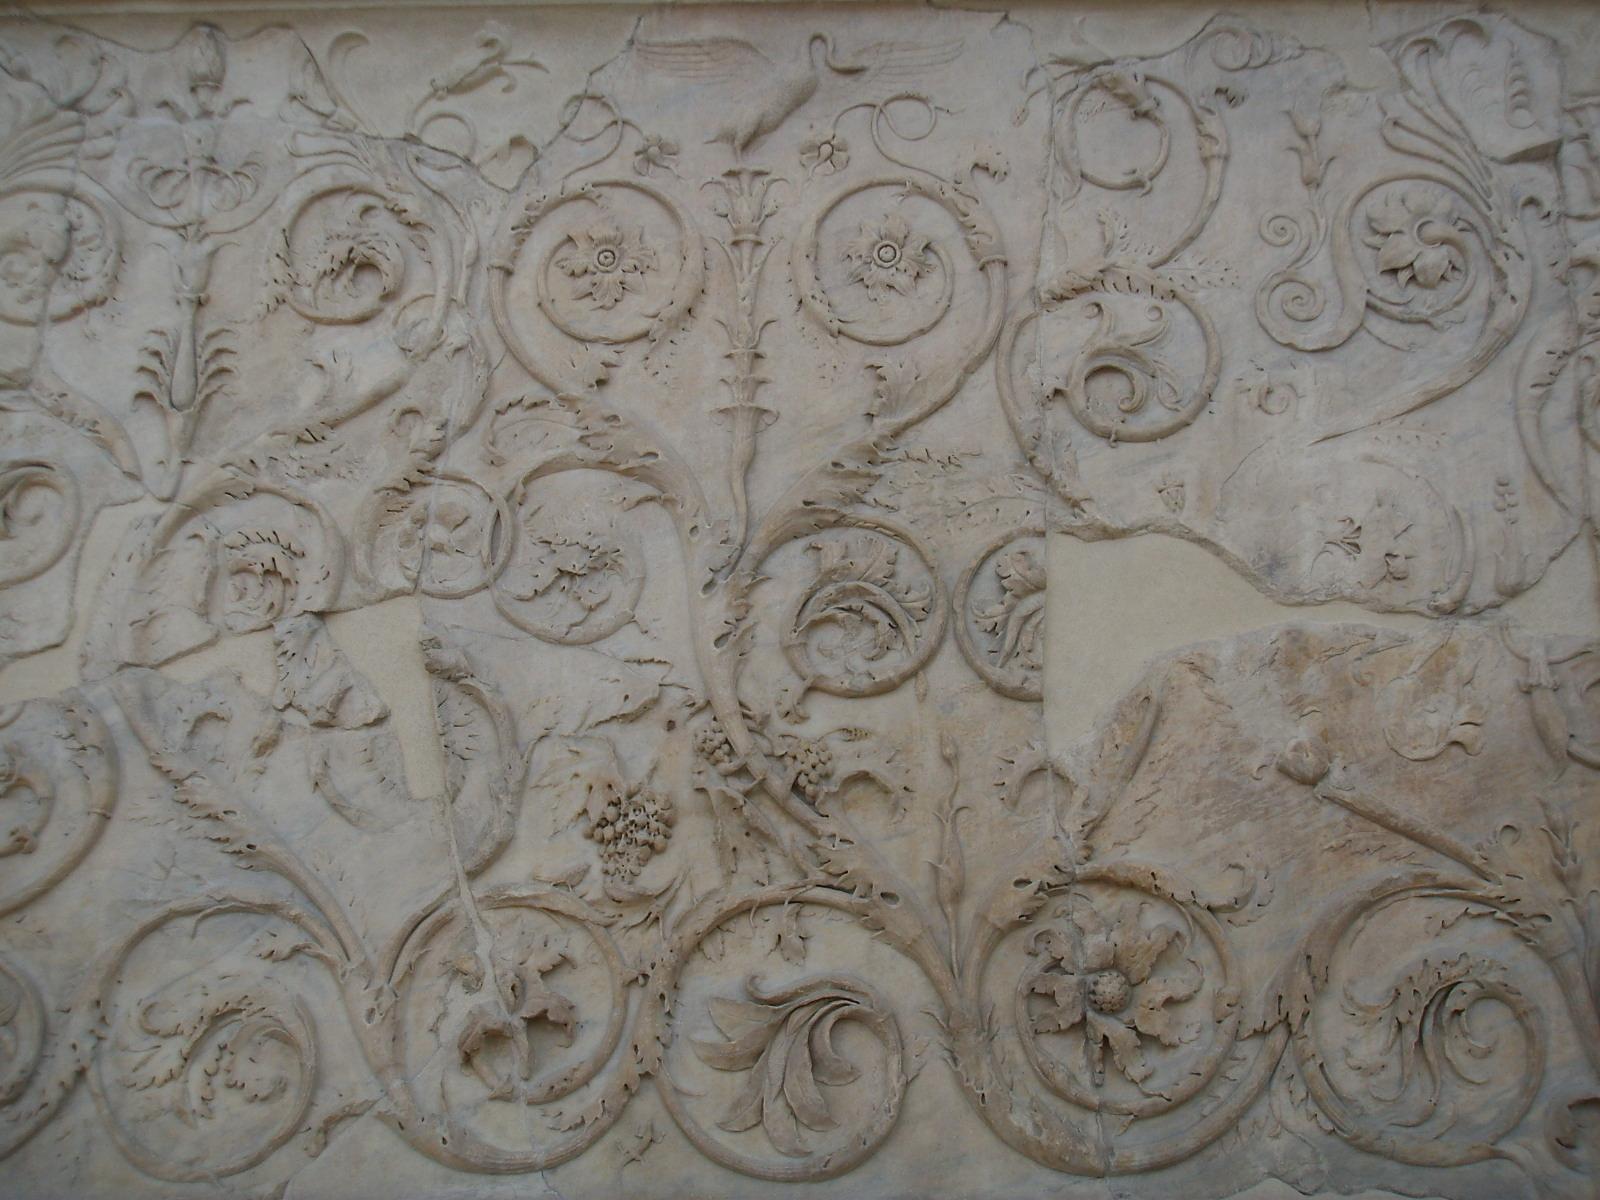 FileAra pacis fregio lato ovest voluteJPG  Wikimedia